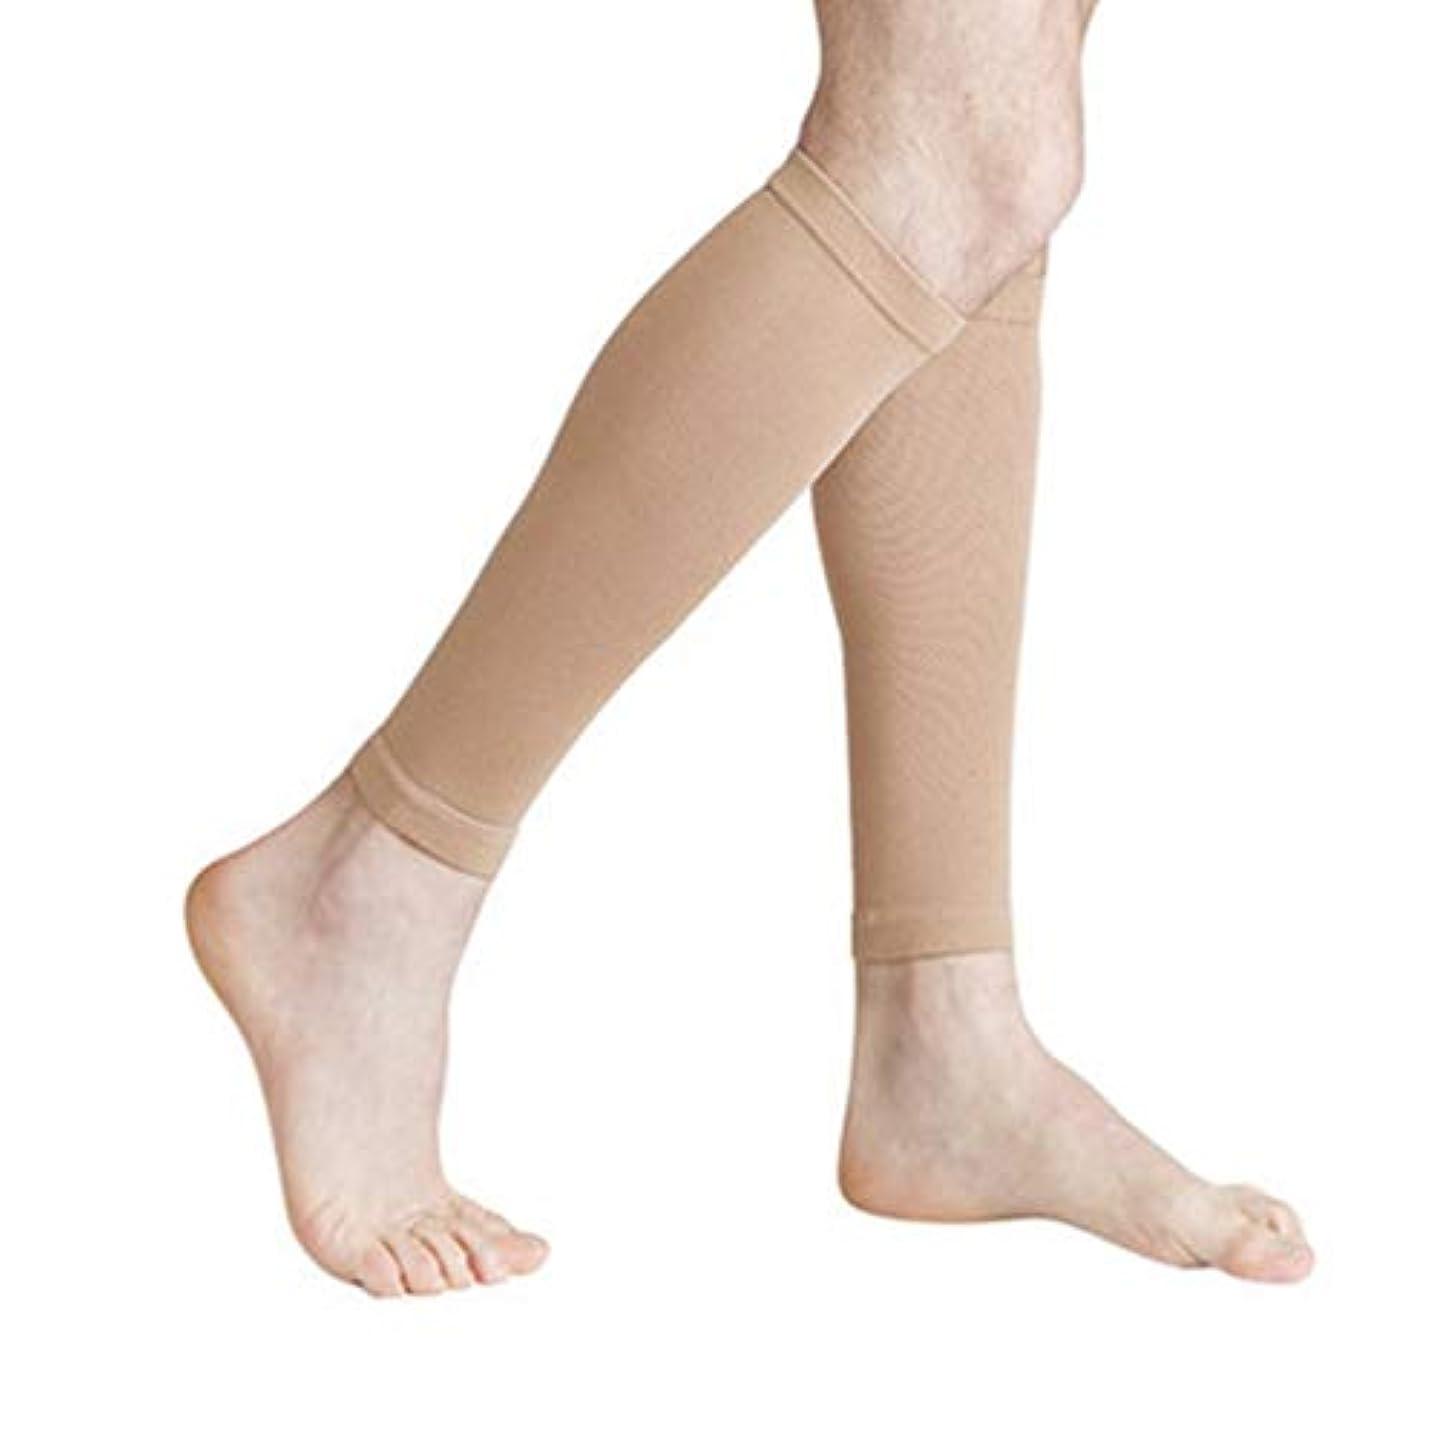 回復するパッド知人丈夫な男性女性プロの圧縮靴下通気性のある旅行活動看護師用シントスプリントフライトトラベル - 肌色